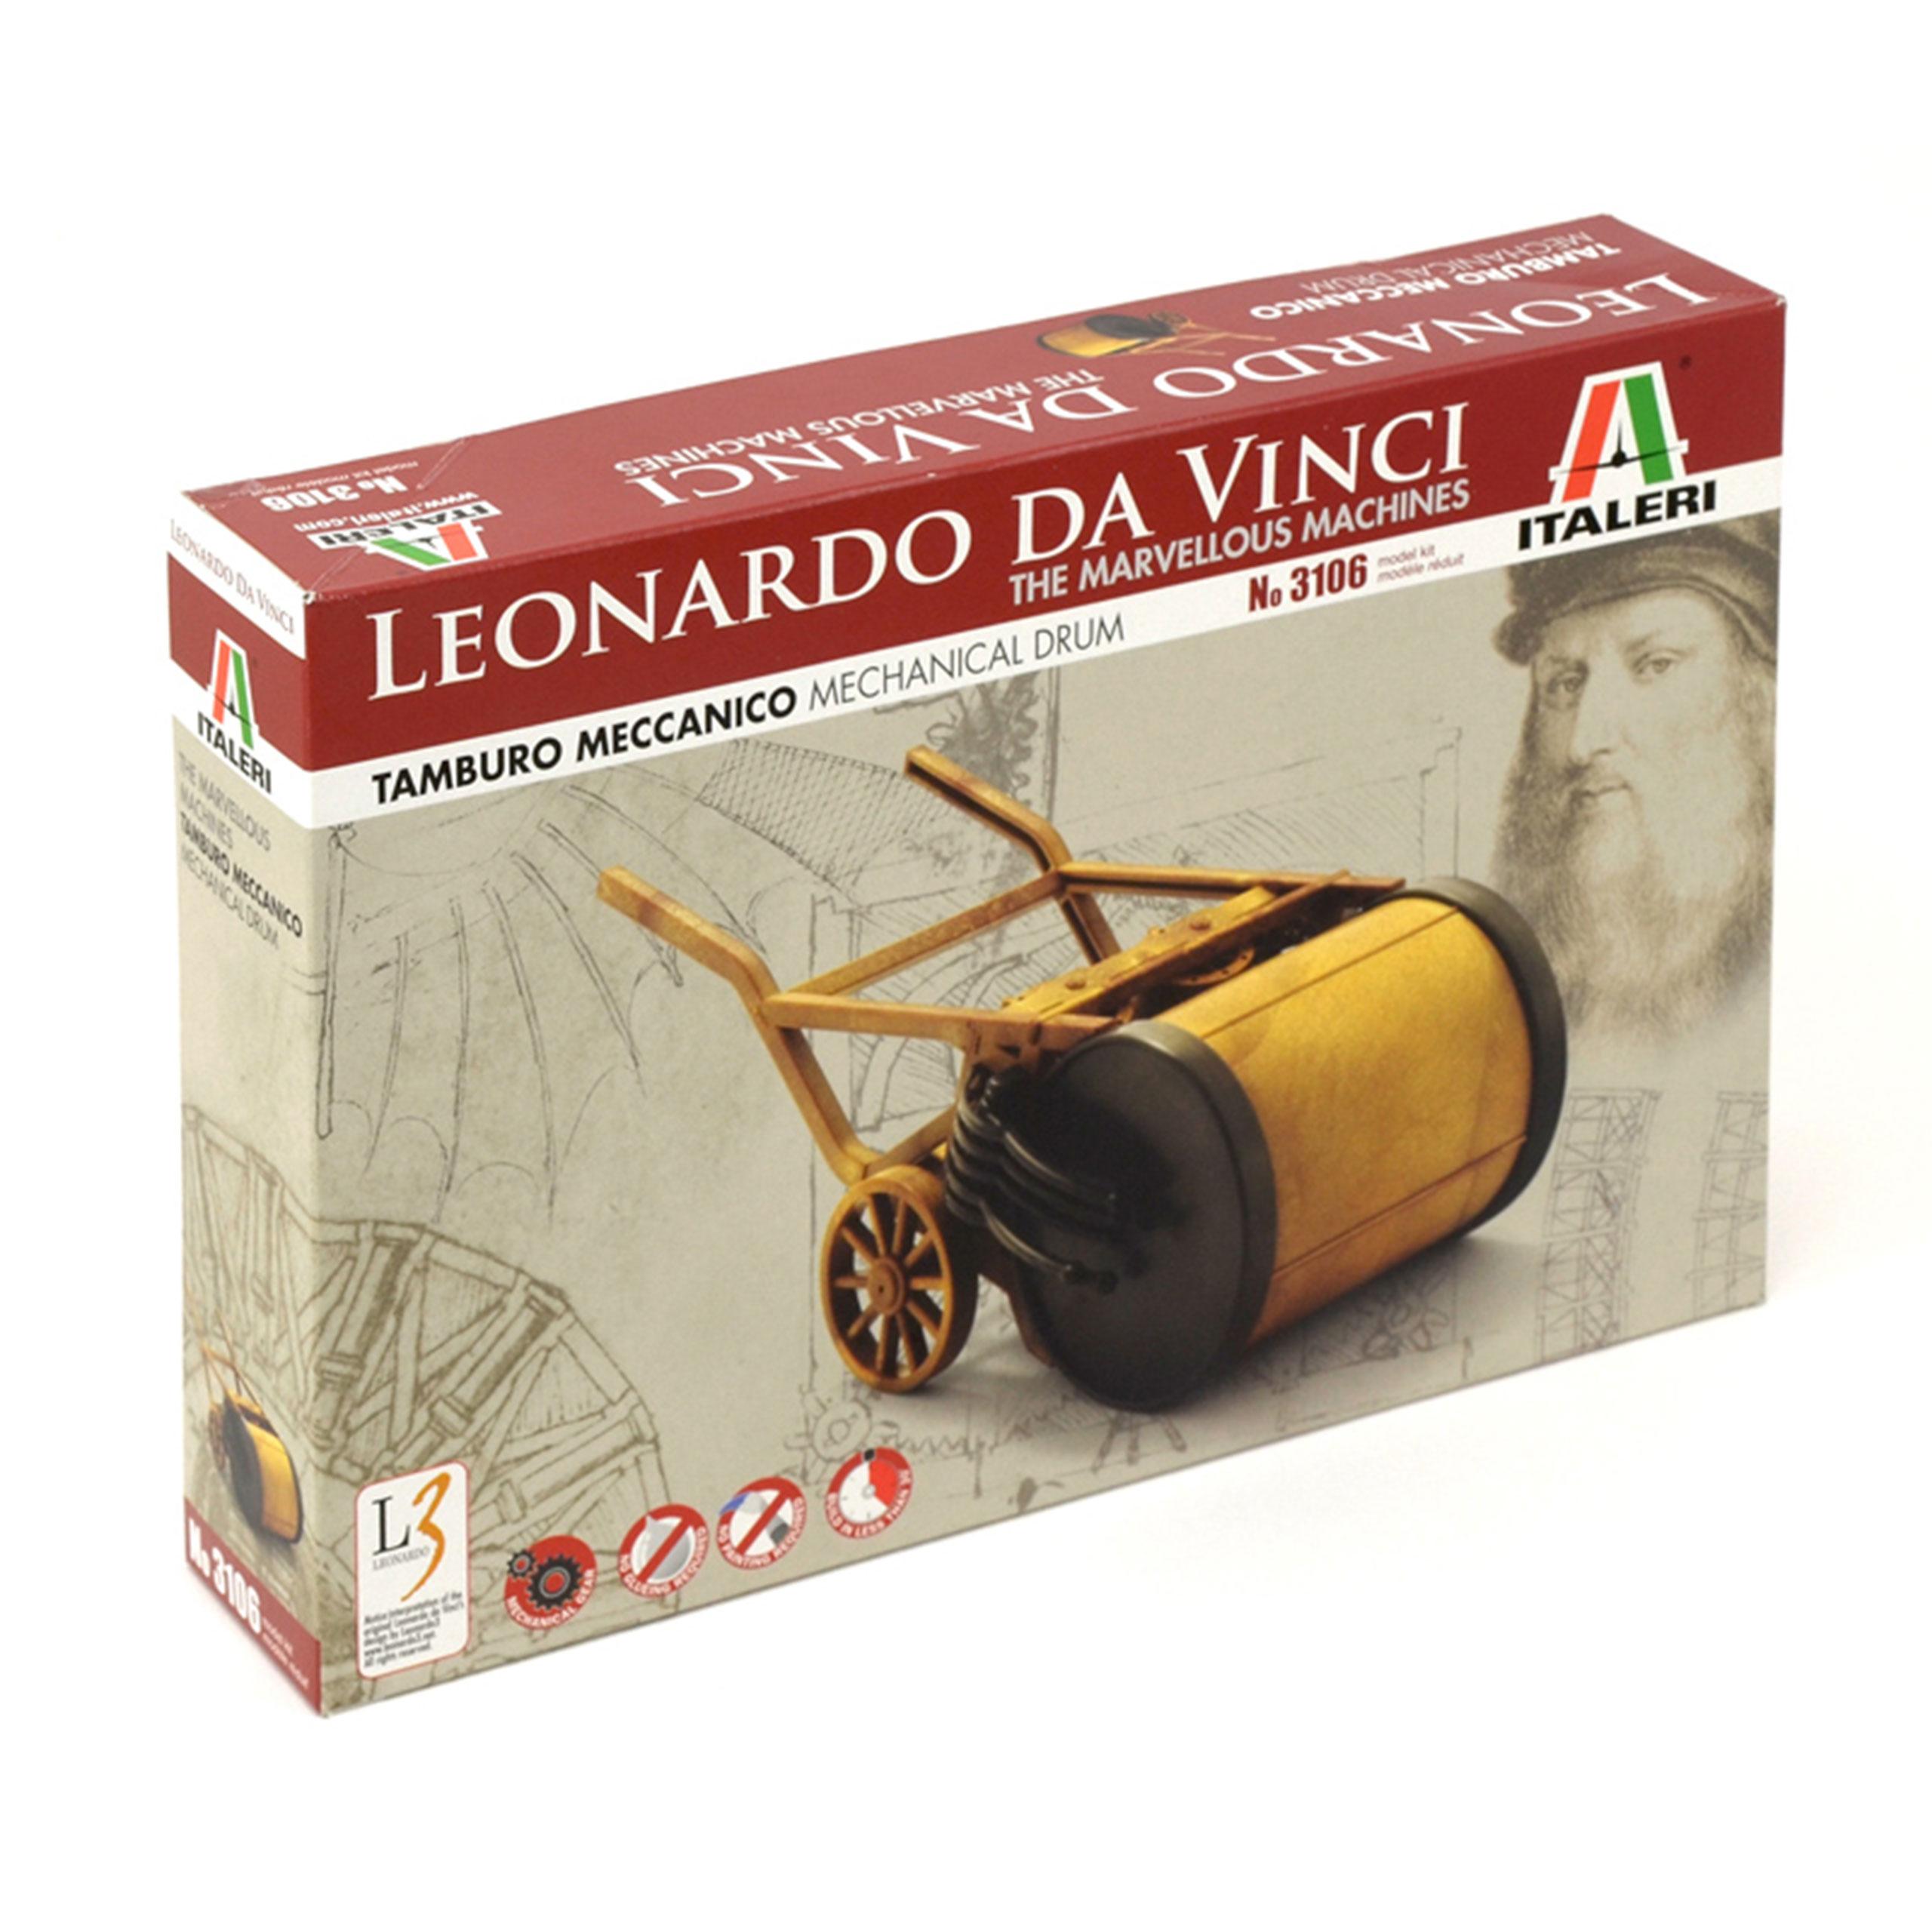 ITALERI Leonardo da Vinci Mechanische Trommel 510003106 3106